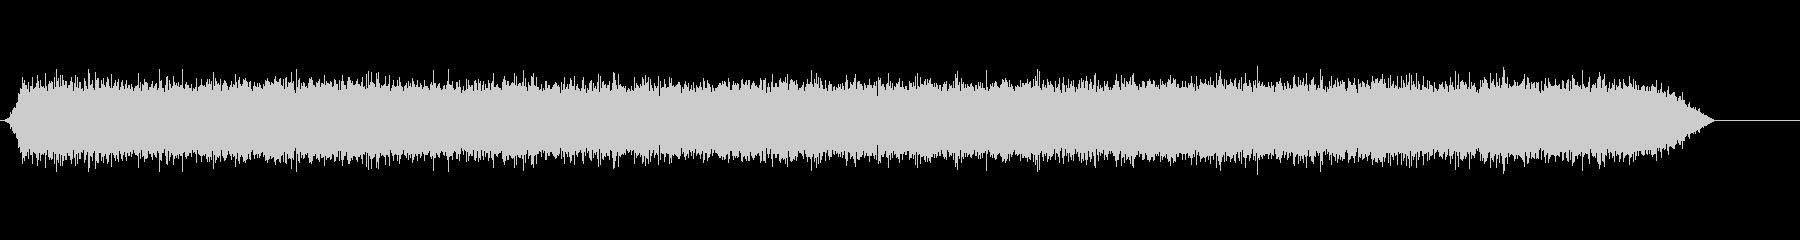 ナイアガラの滝の未再生の波形